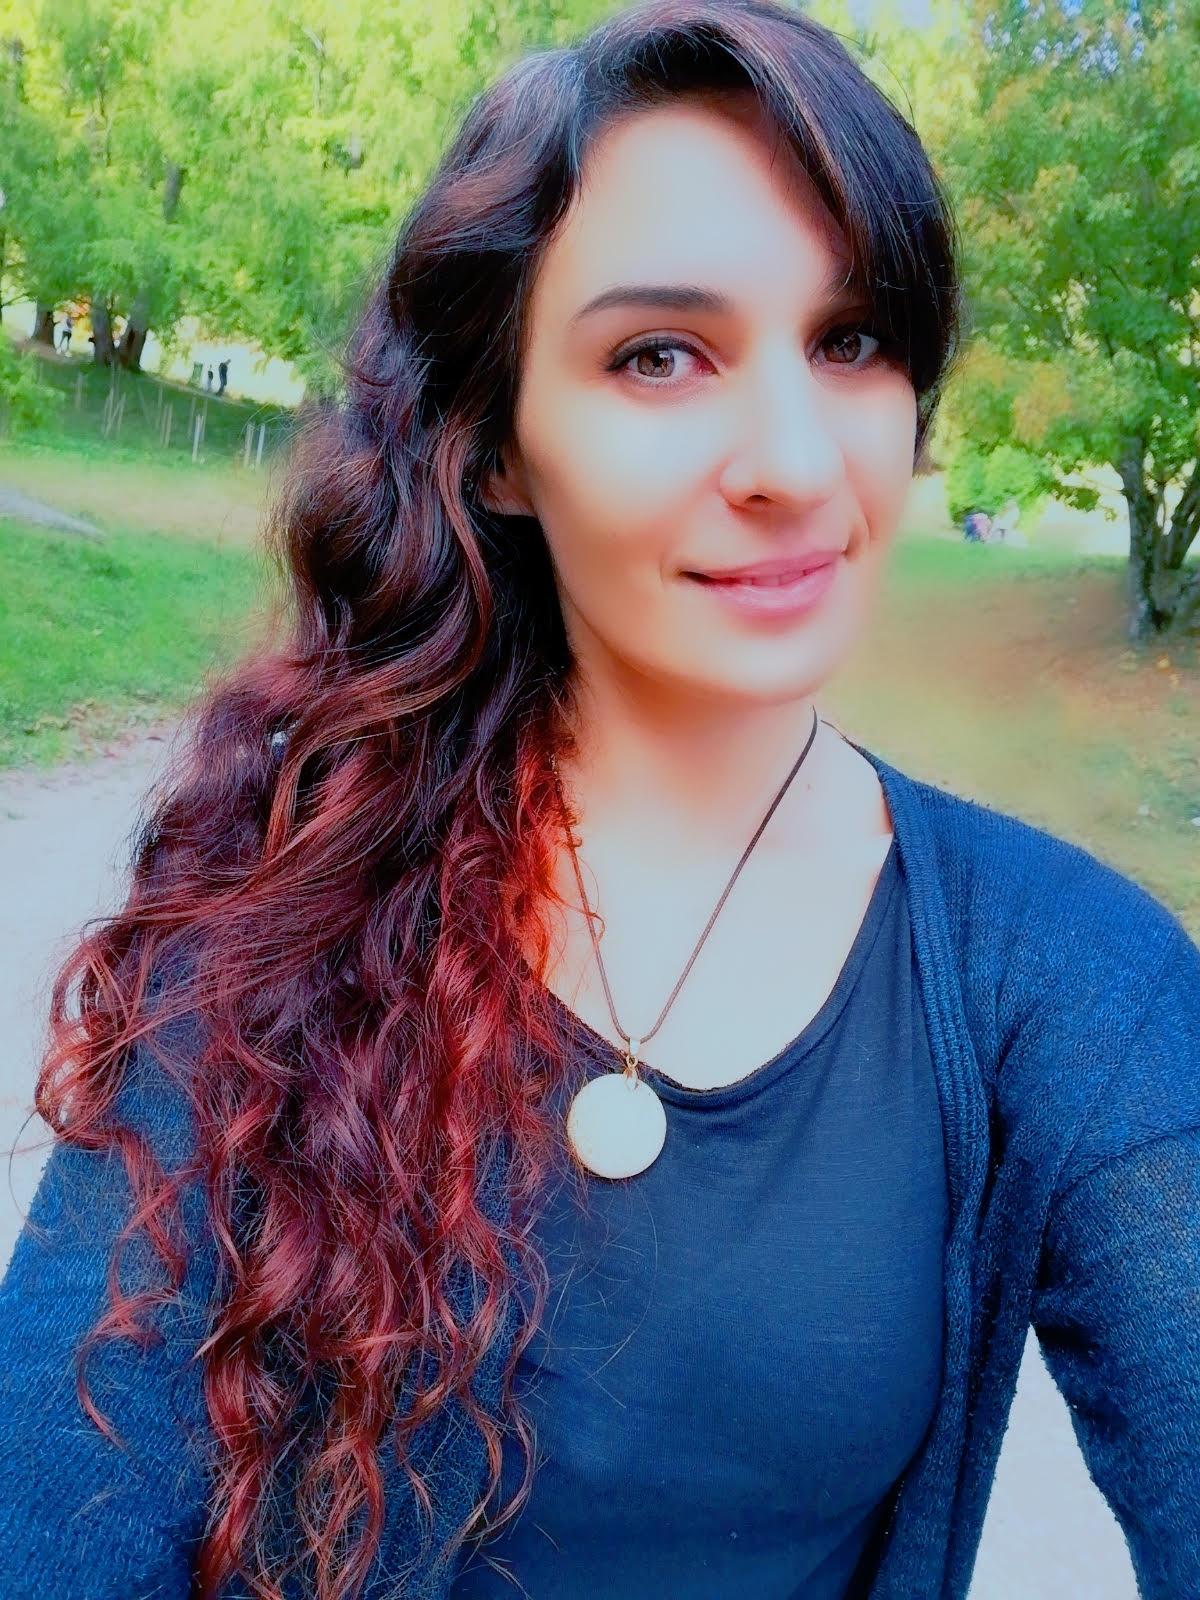 Silvia Romao / éveilleuse de lumière intérieure